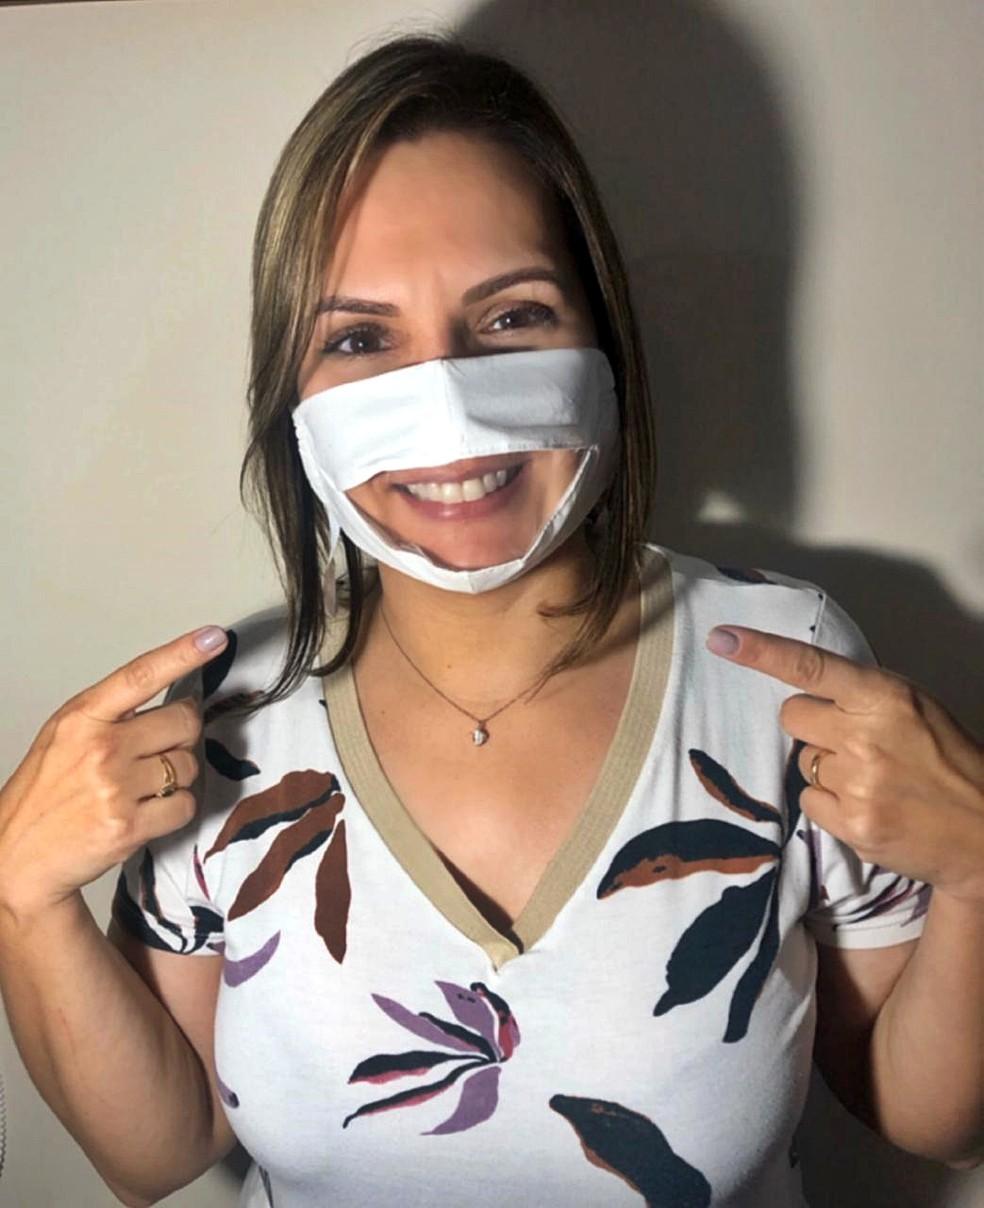 Mulher criou máscara que permite leitura labial em Poços de Caldas (MG) — Foto: Arquivo pessoal